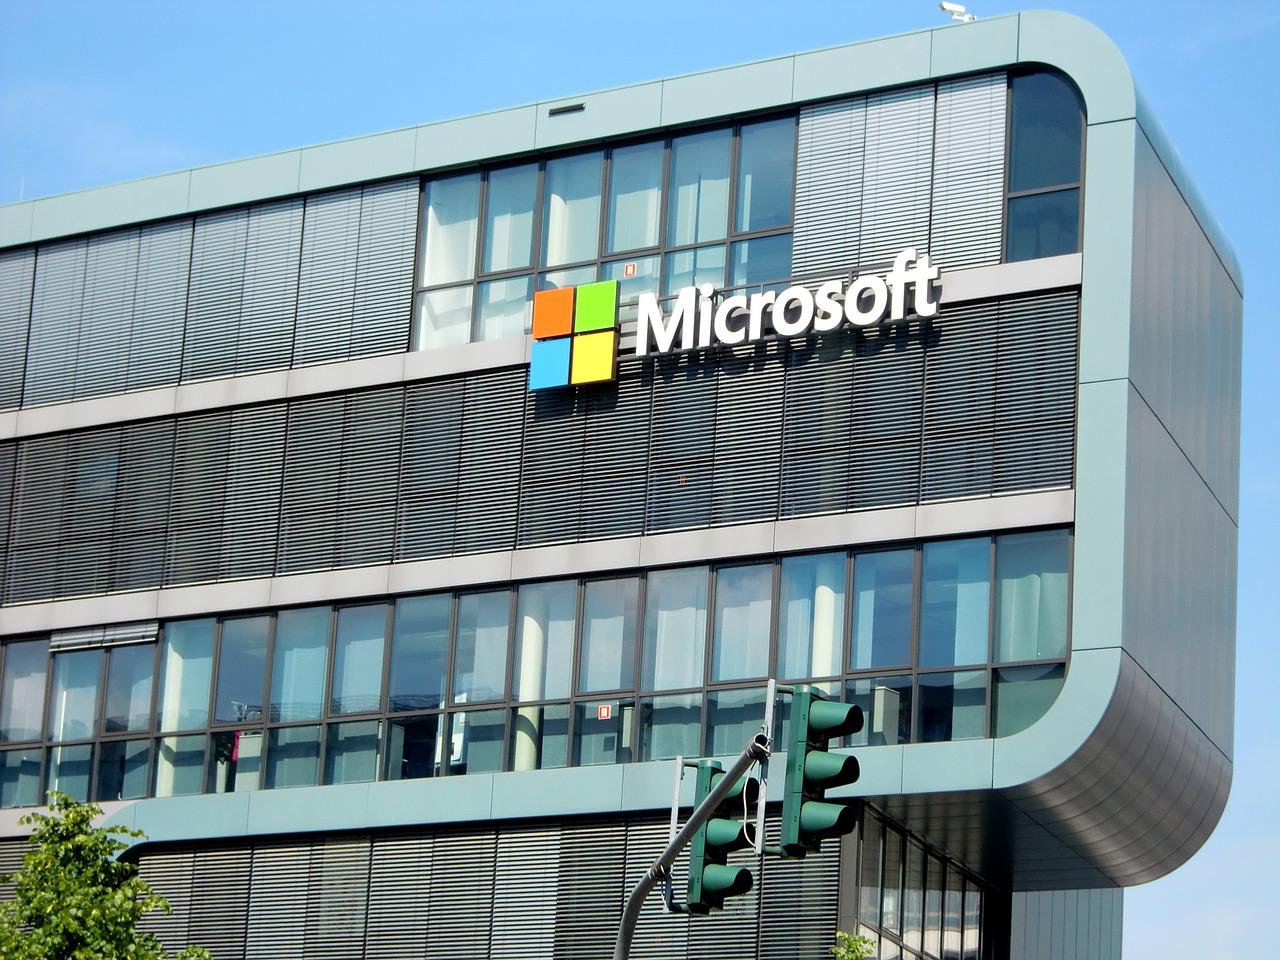 Japon : chez Microsoft, une semaine de 4 jours très productive